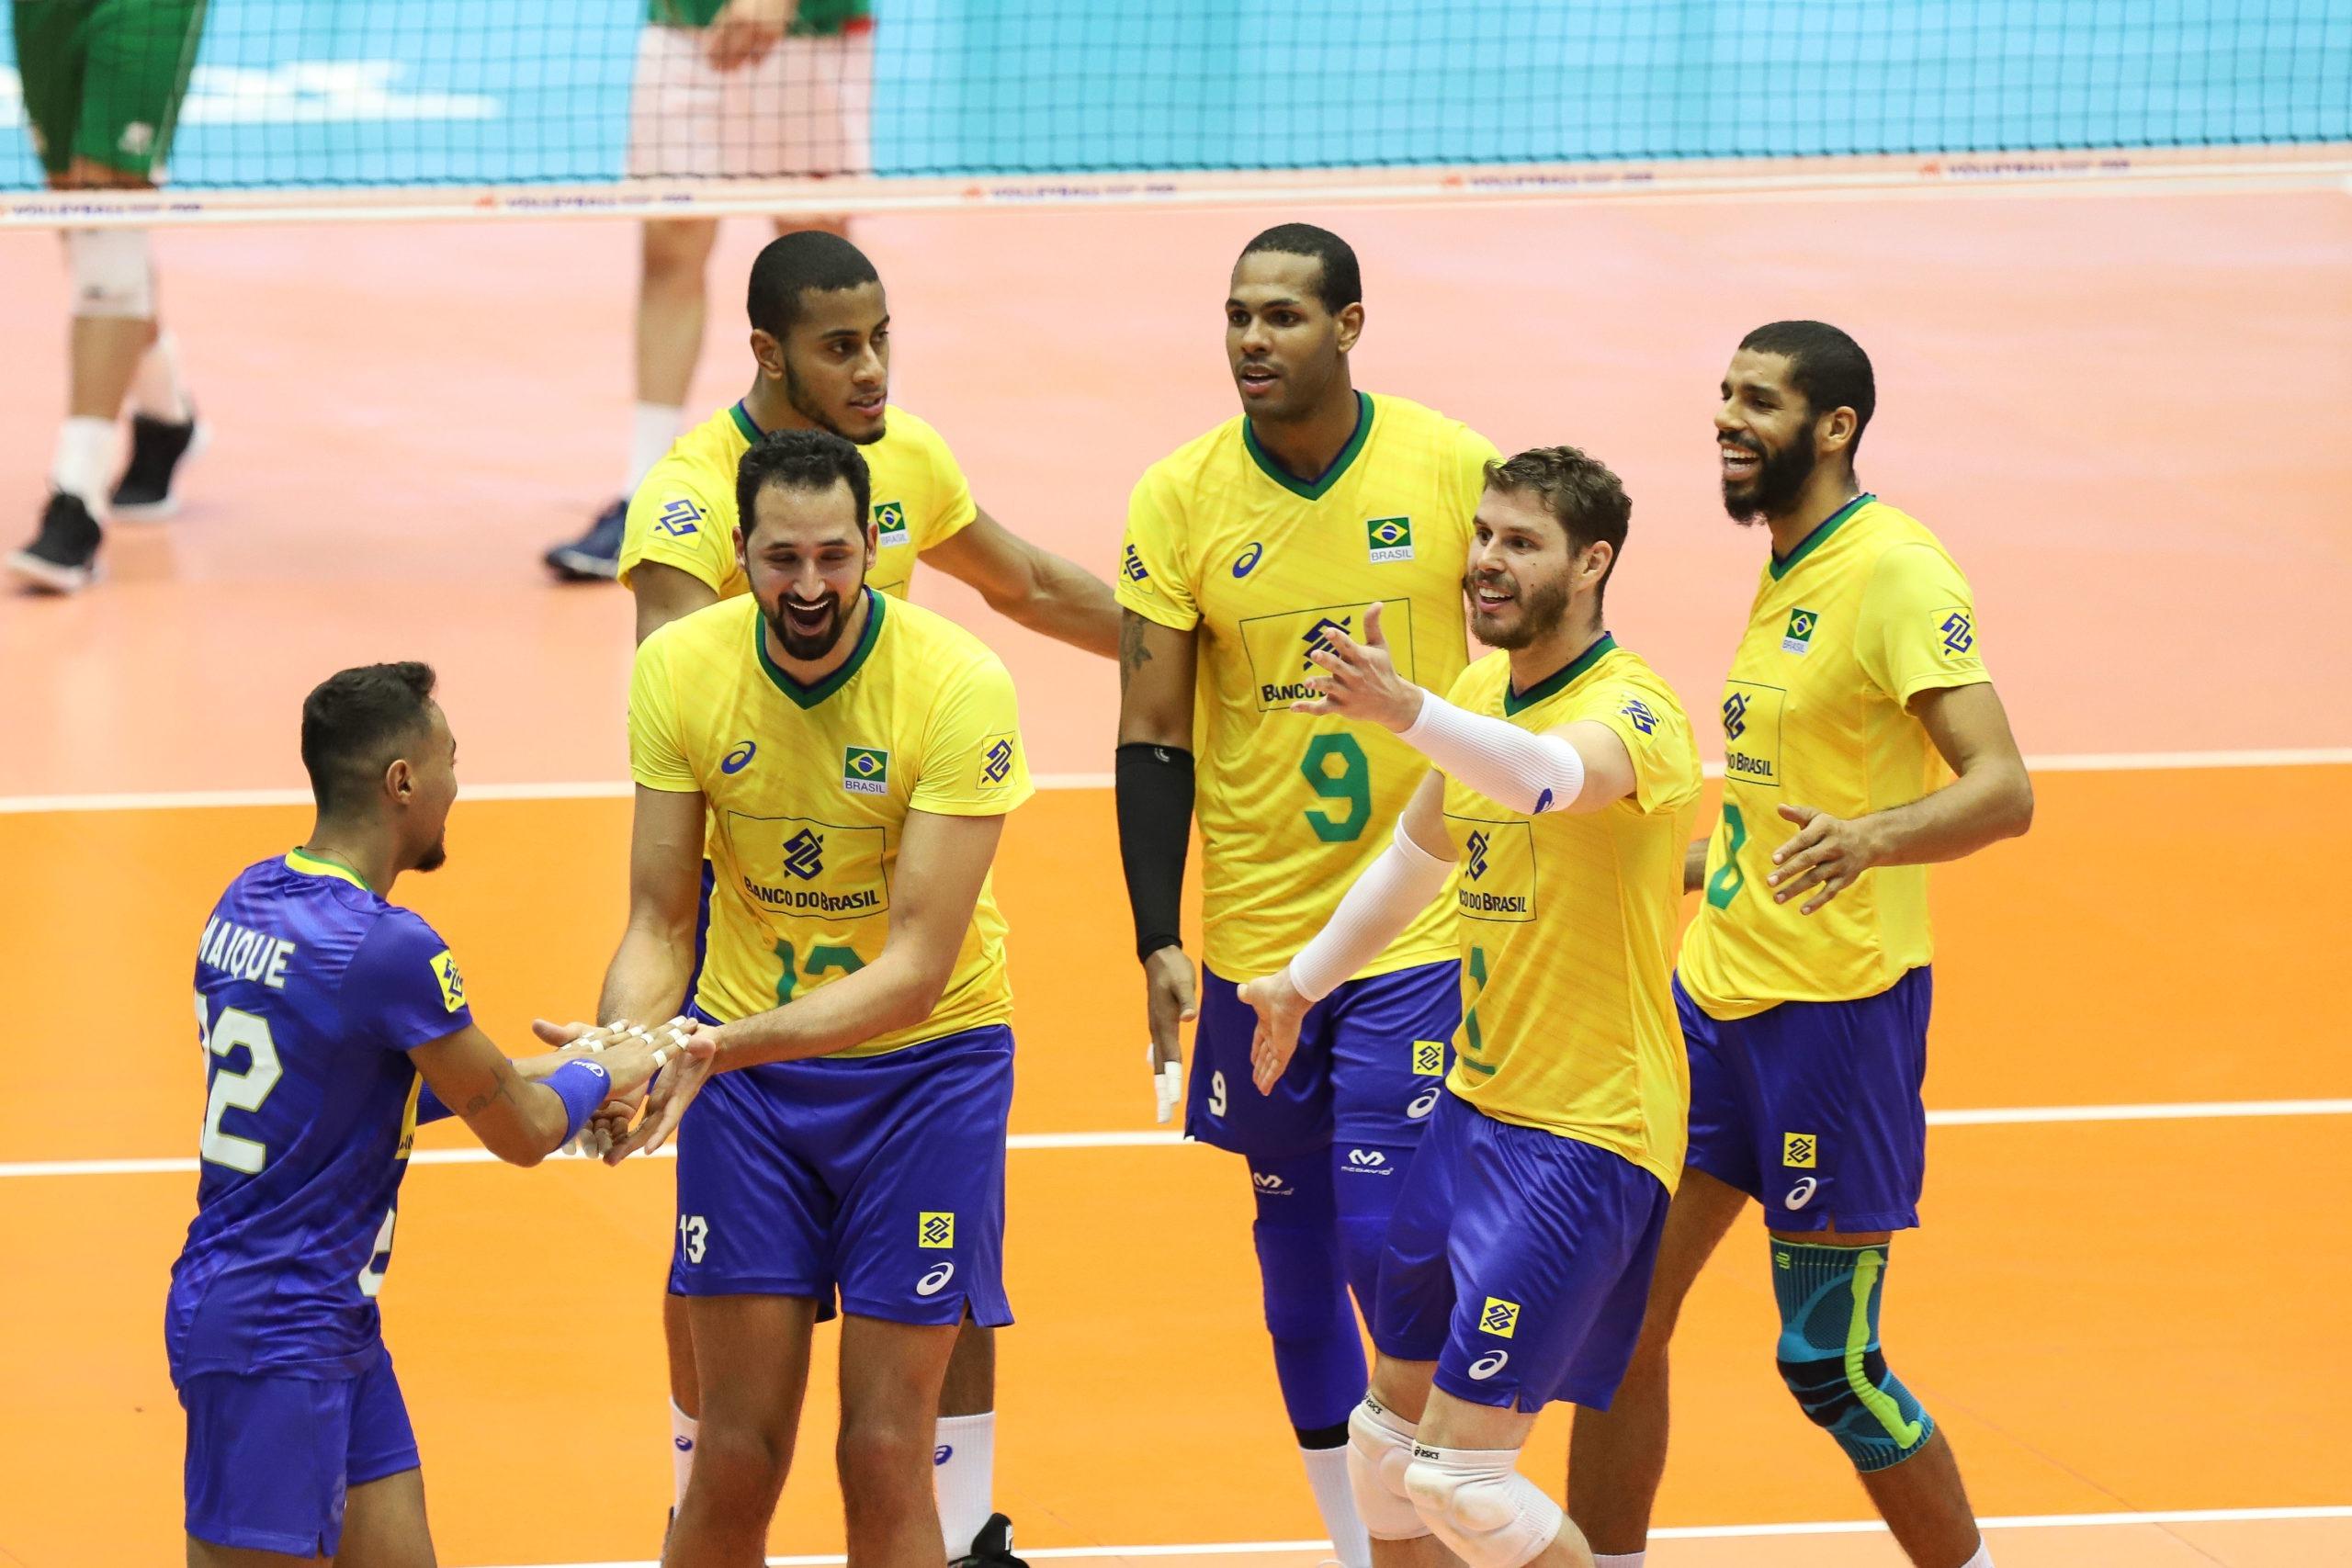 Brasil Derrota Bulgaria E Fica Perto Da Classificacao Na Liga Das Nacoes Agencia Olimpica